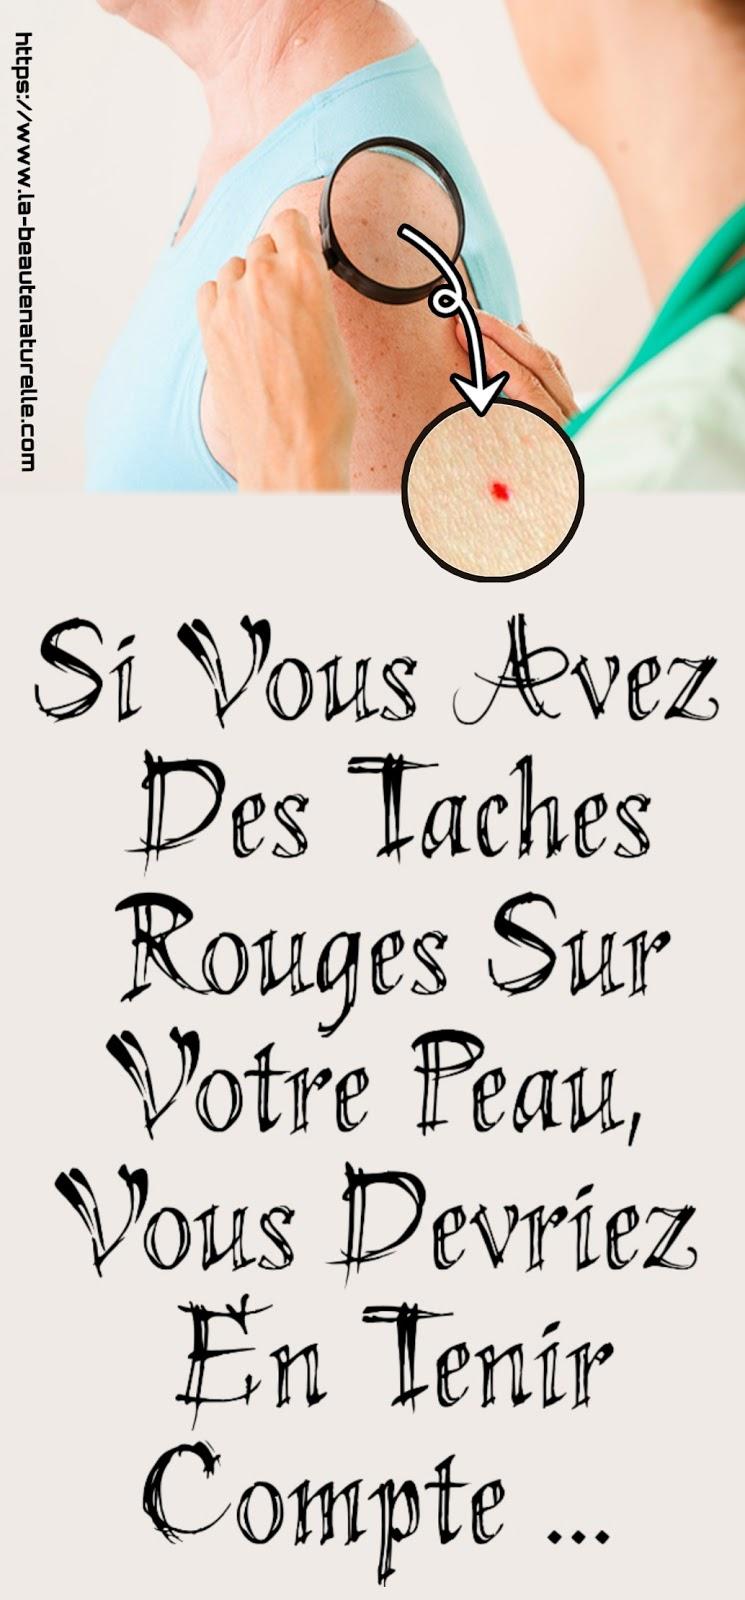 Si Vous Avez Des Taches Rouges Sur Votre Peau, Vous Devriez En Tenir Compte ...